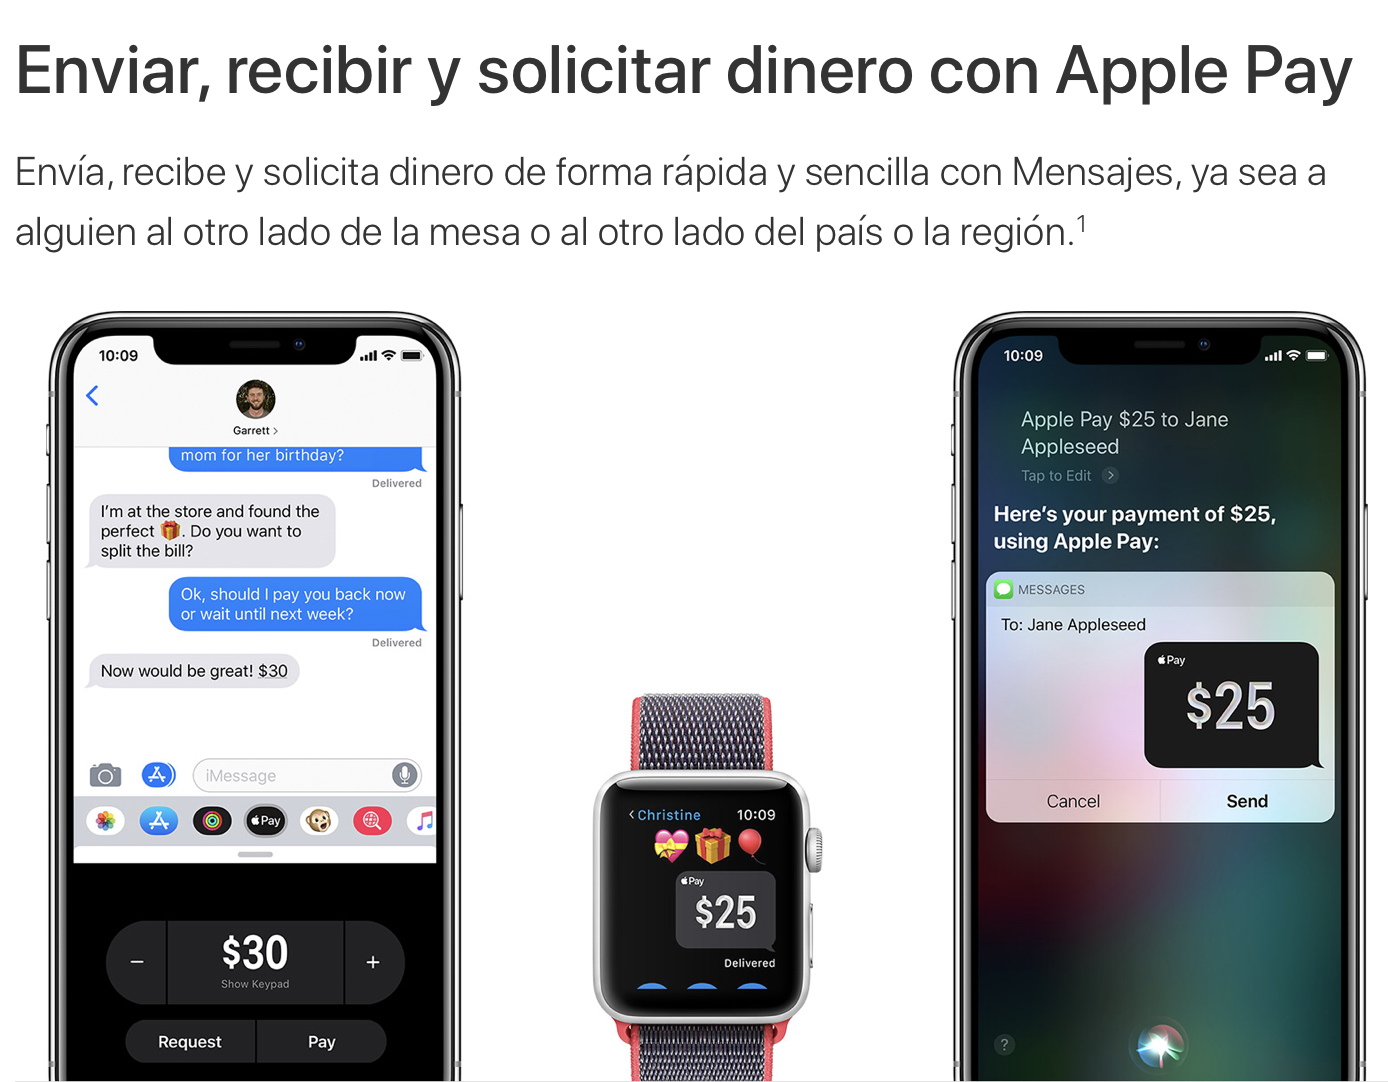 Documentos de soporte de Apple Cash en español